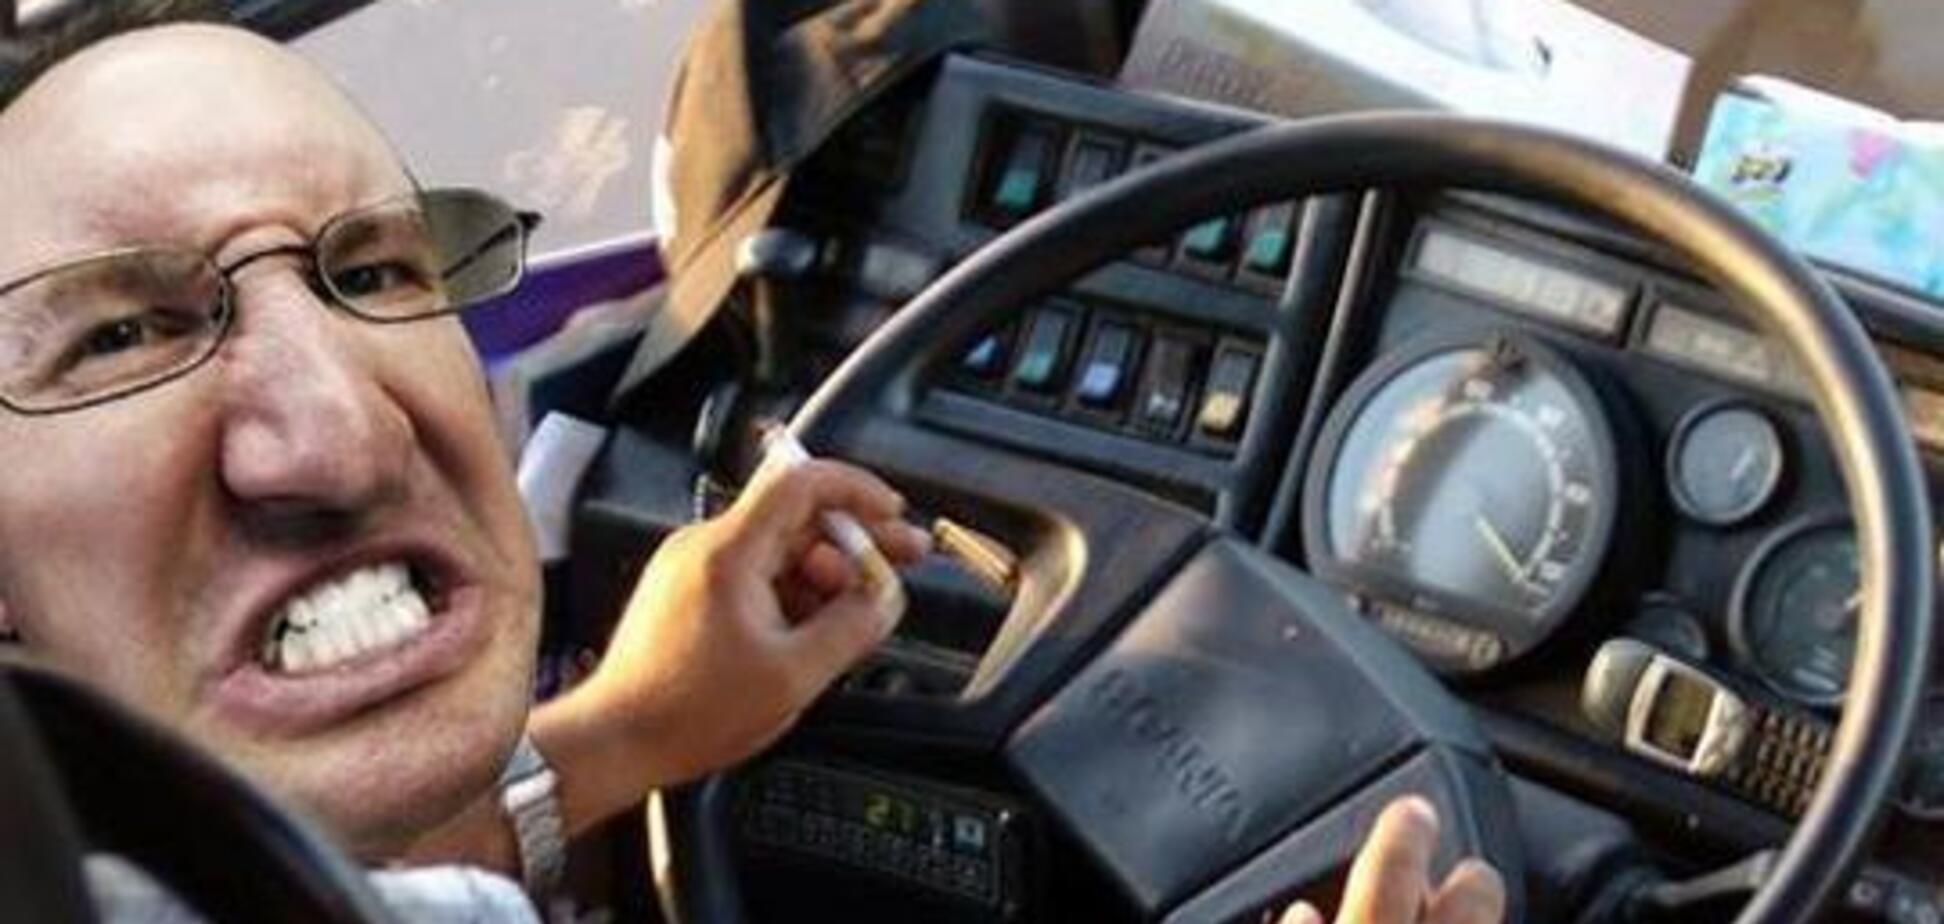 Ломилася назад і не давала їхати: під Дніпром п'яна пасажирка влаштувала скандал в автобусі. Відео